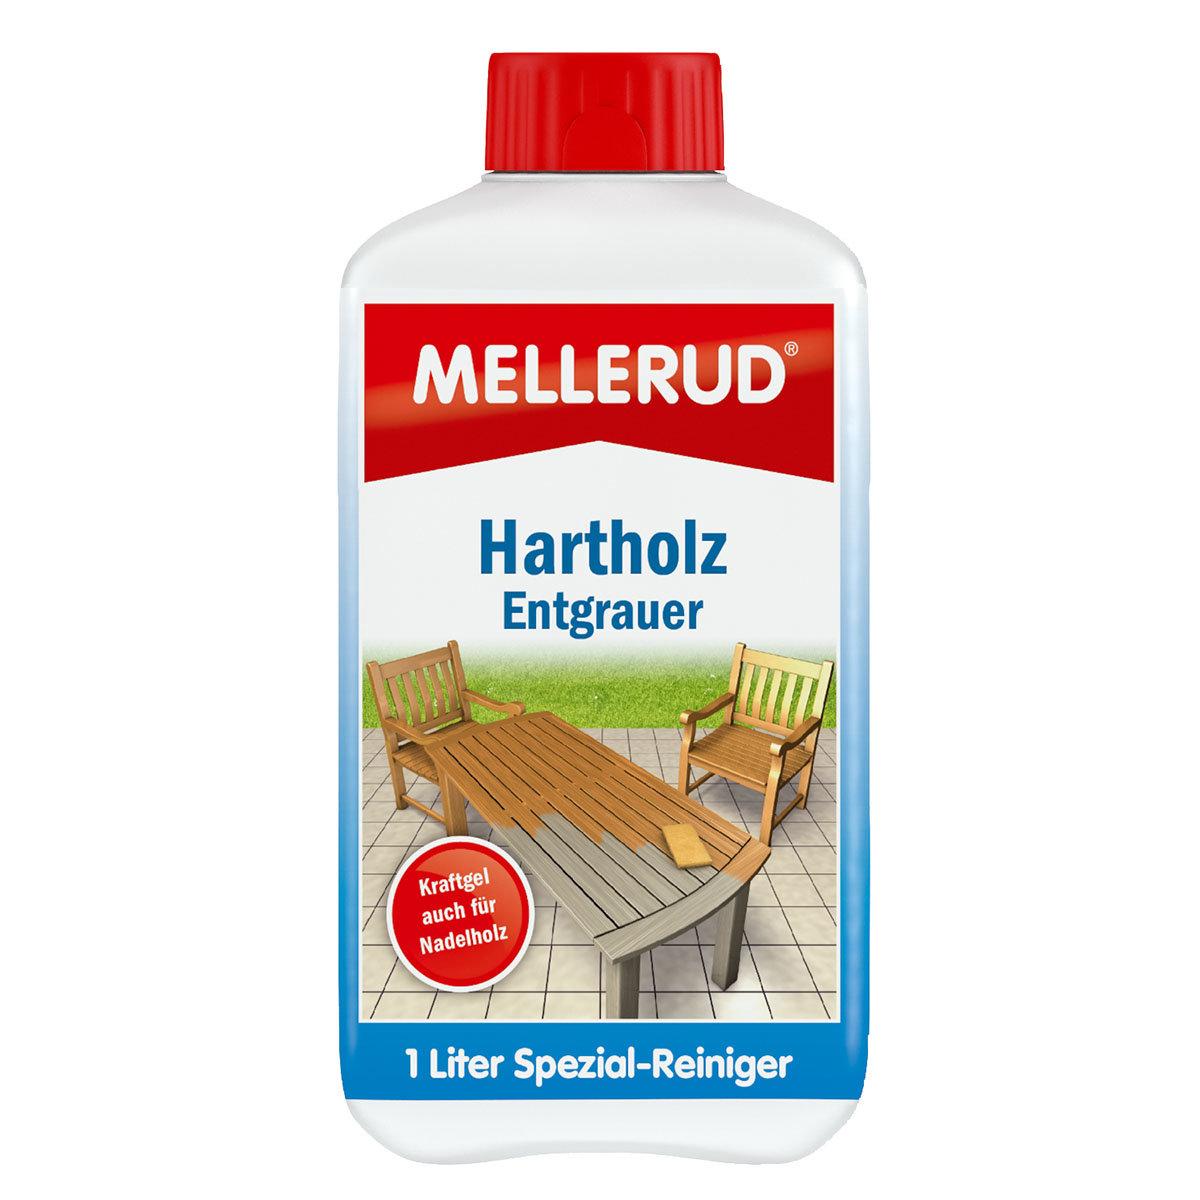 MELLERUD® Hartholz Entgrauer 1,0 l